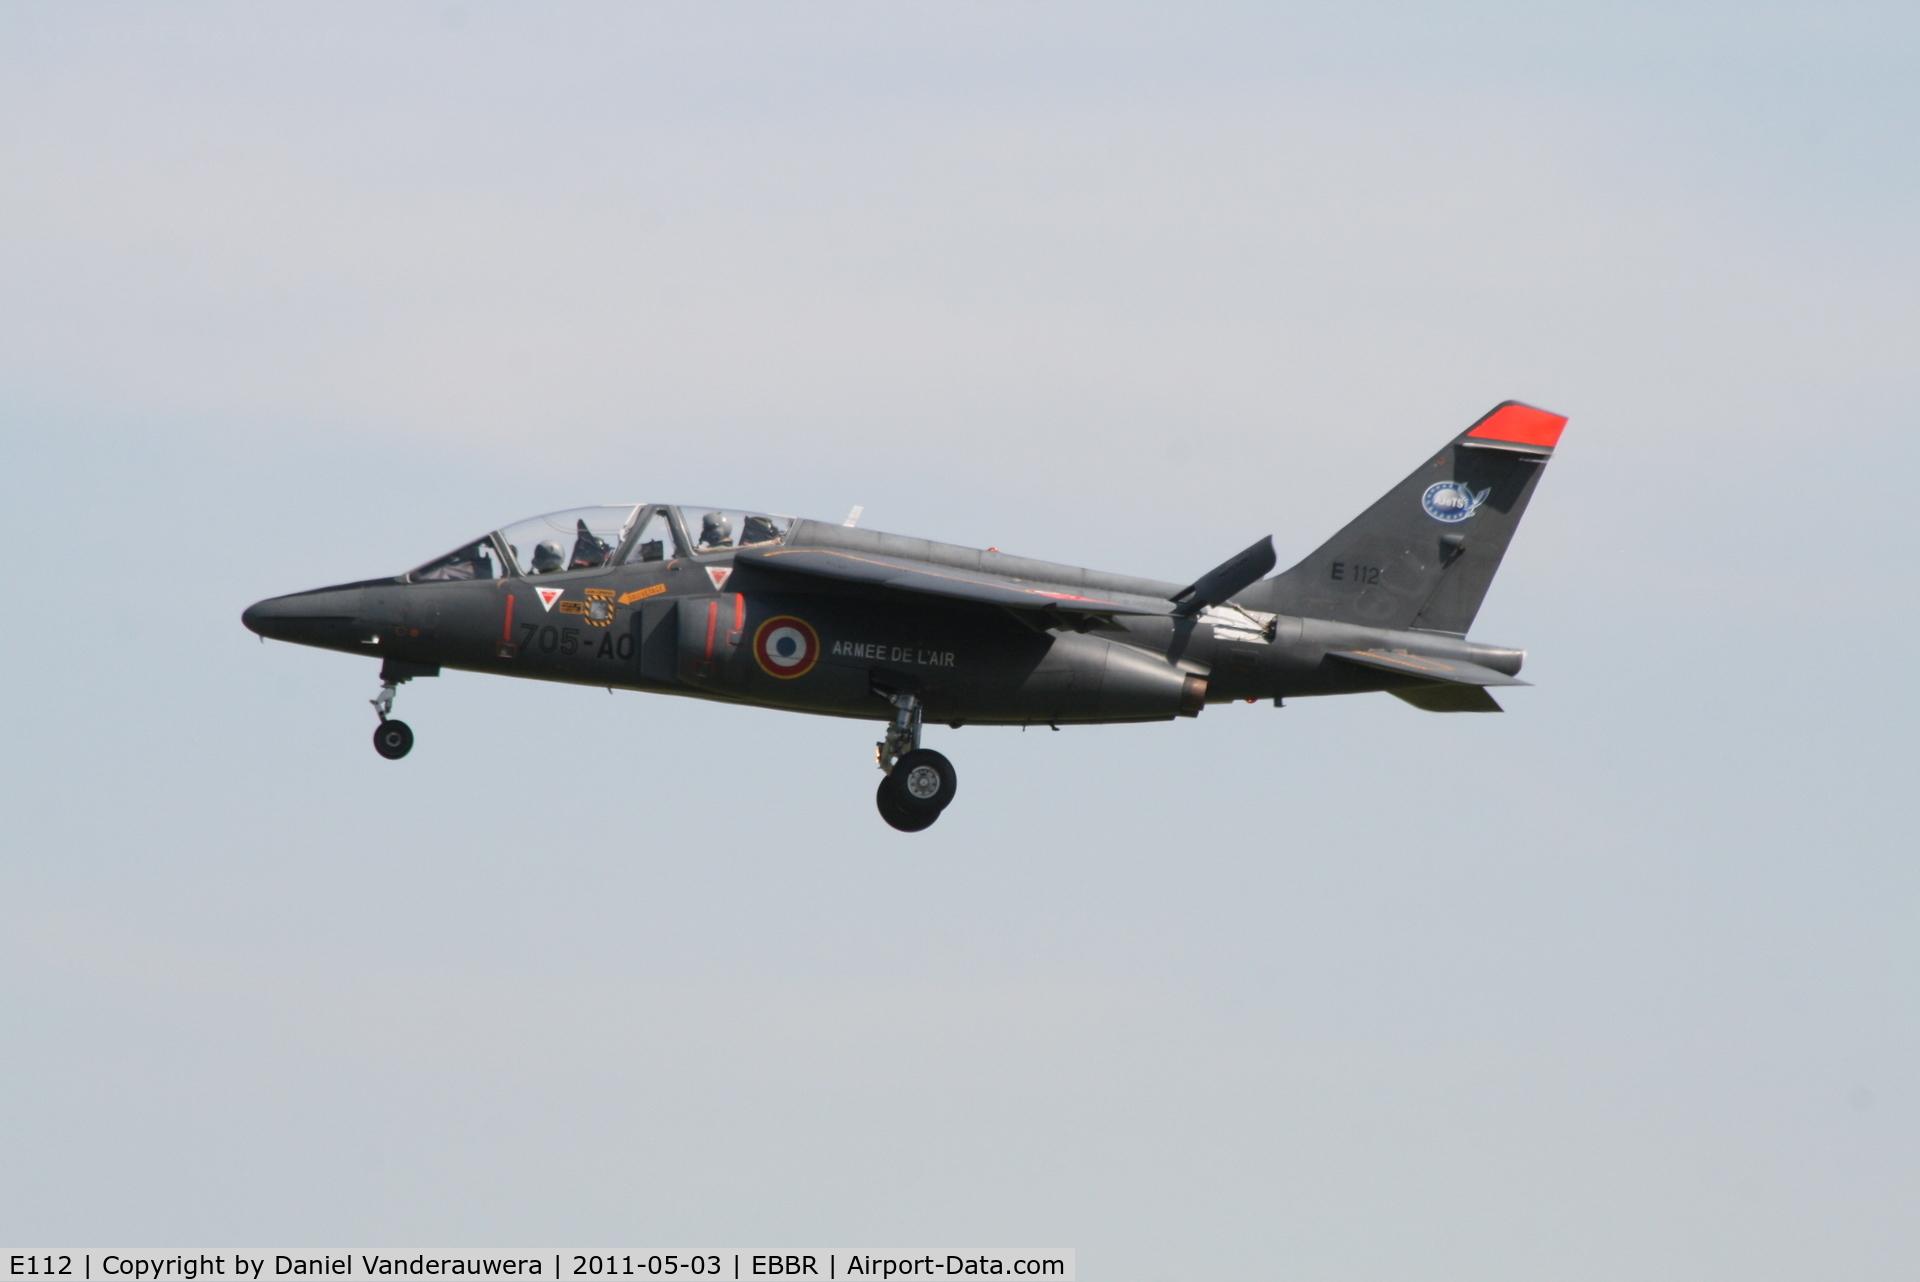 E112, Dassault-Dornier Alpha Jet E C/N E112, Descending to RWY 02